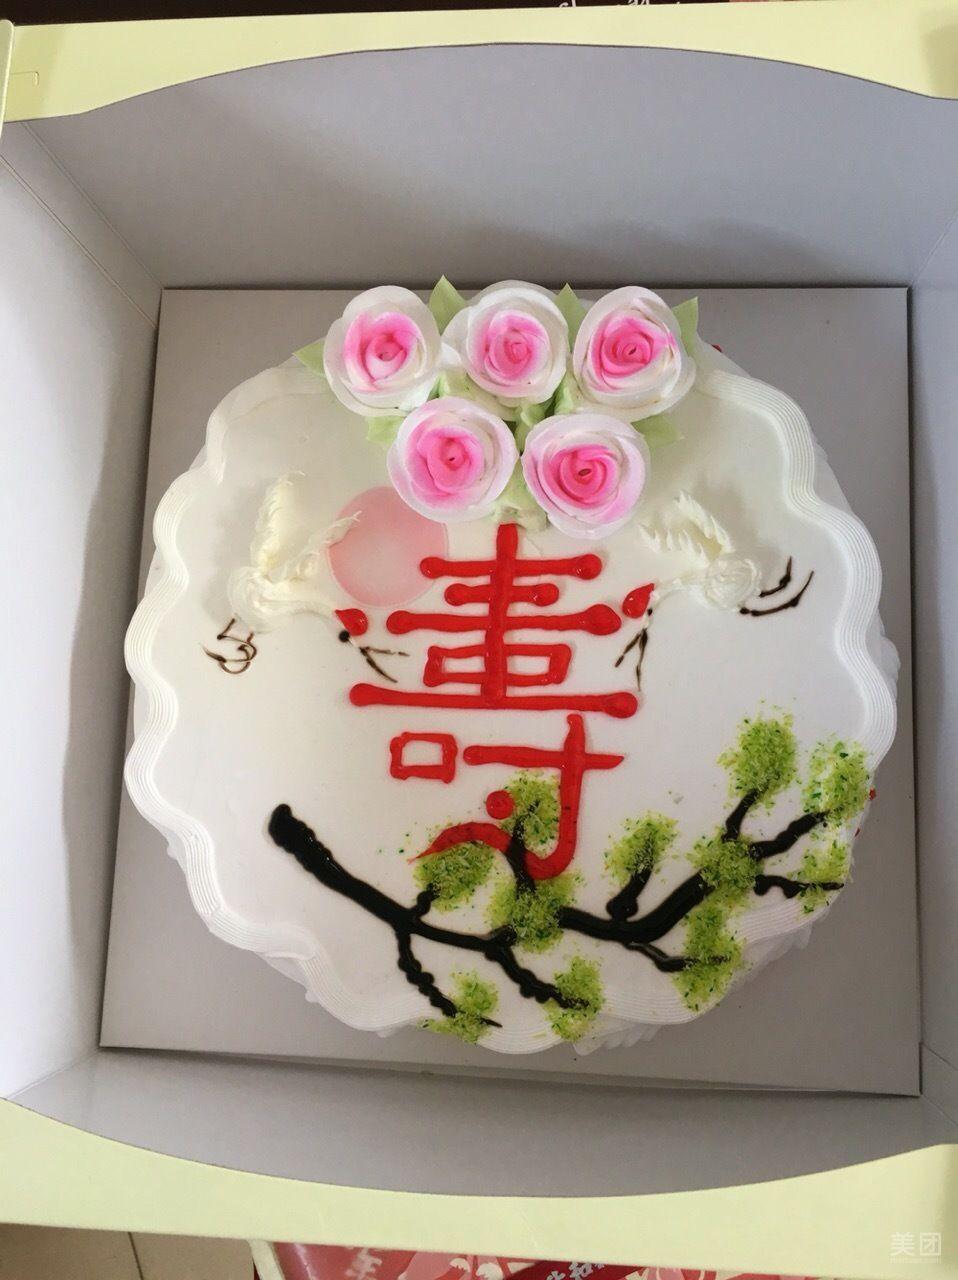 同升和蛋糕(交通街糕尚店)图片